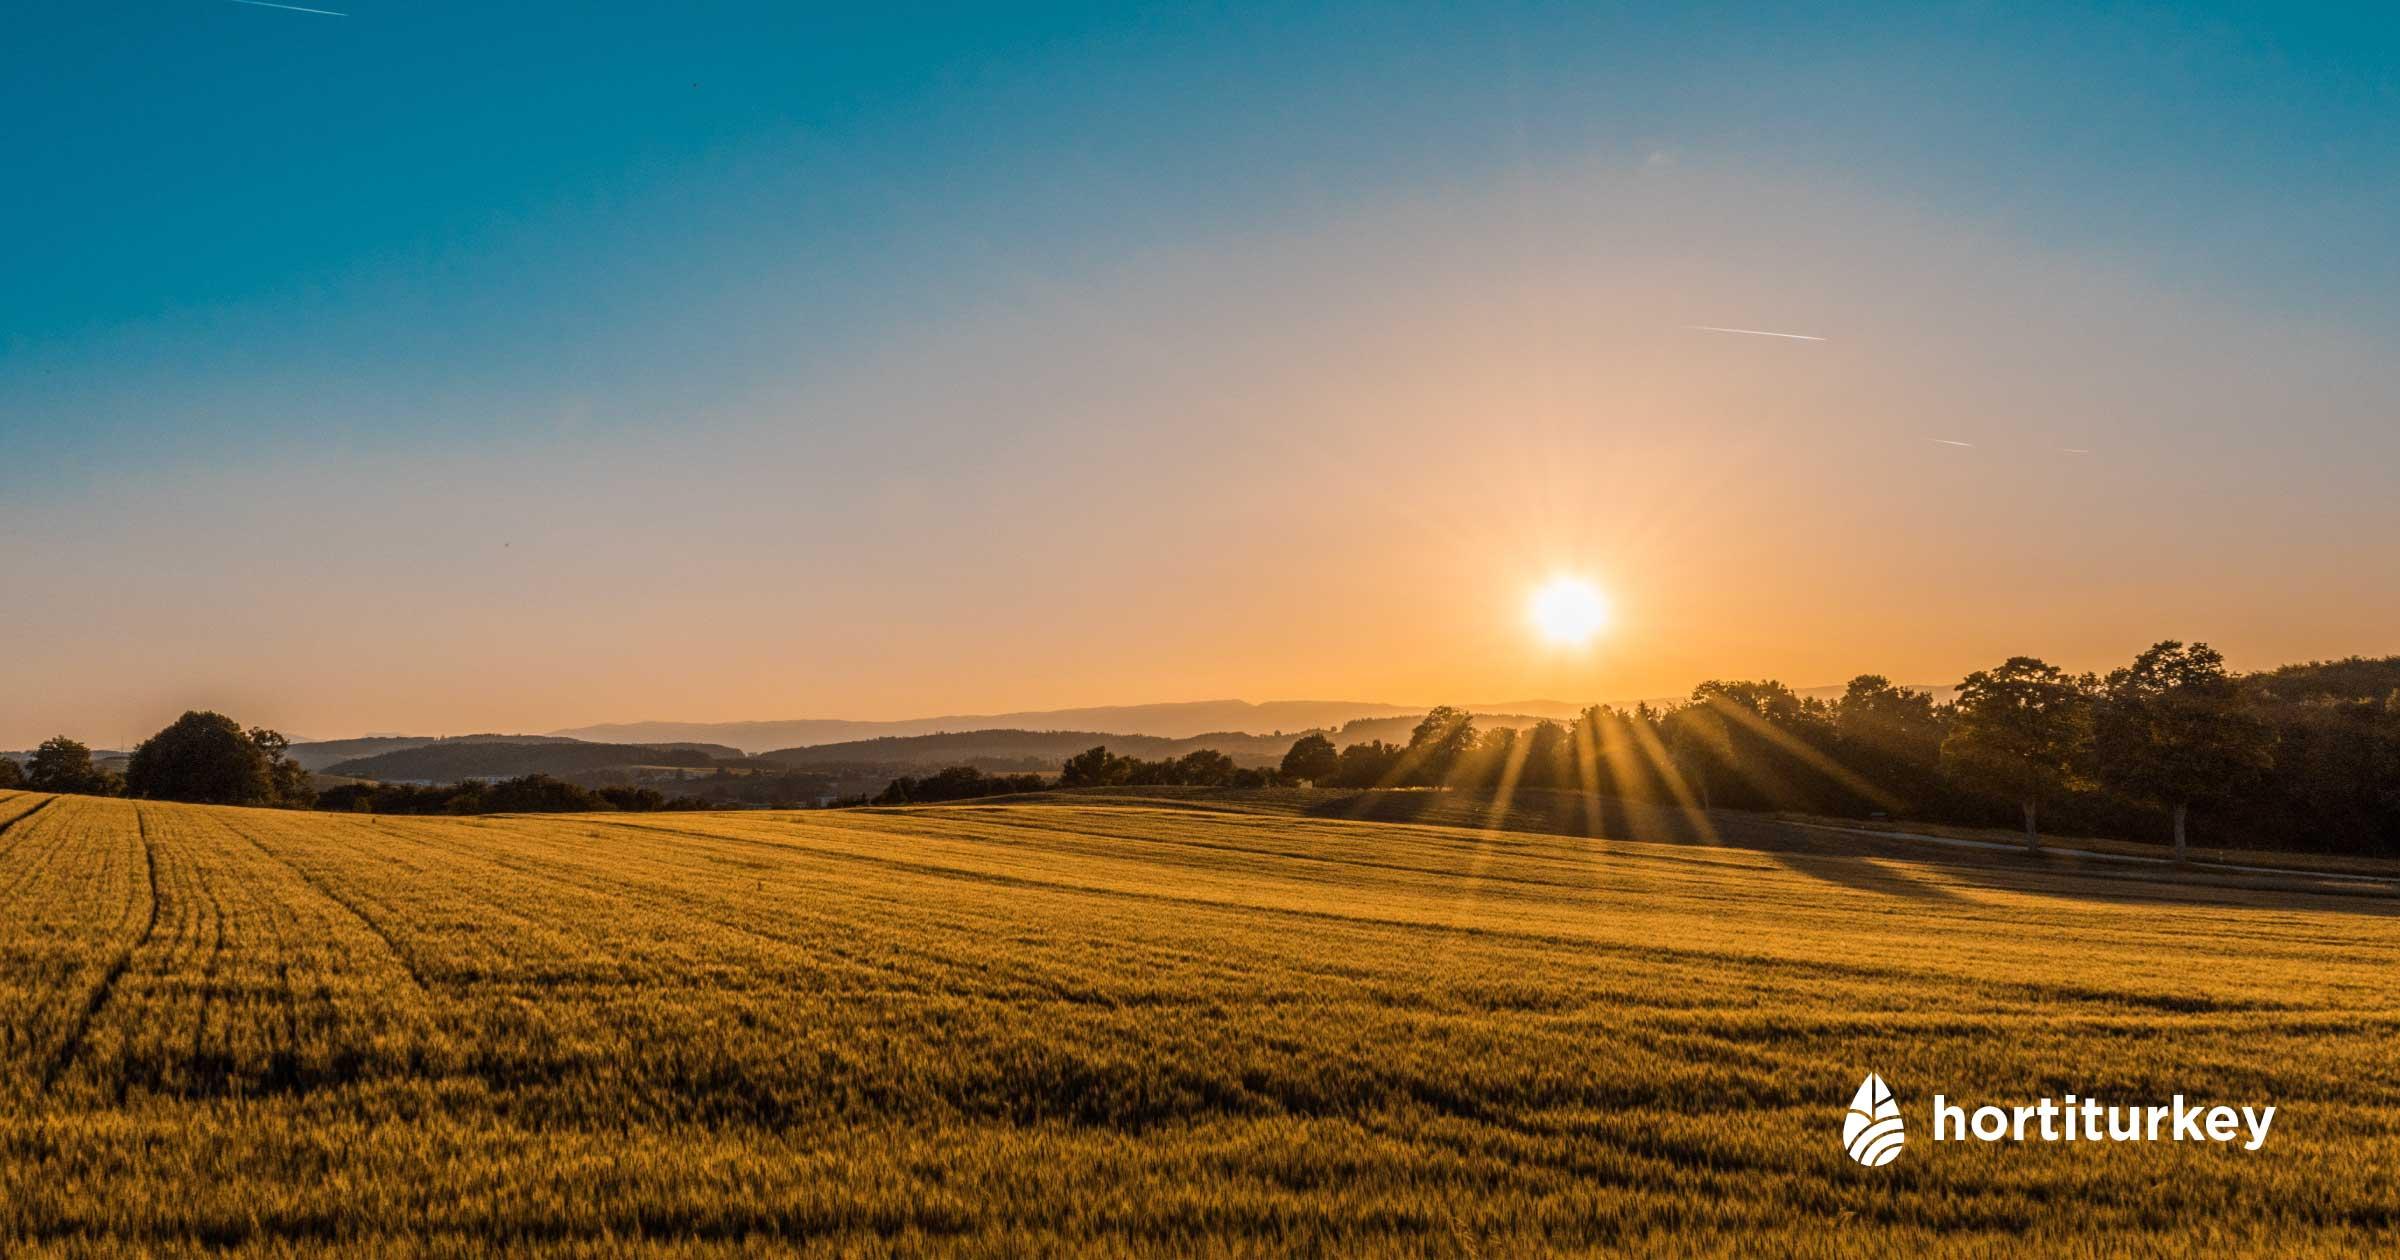 Tarımsal üretim yapan çiftçi ve ziraat mühendislerini, tarım firmalarını, fuarları ve sektörel liderleri bir araya getirerek büyümelerine katkı sağlıyoruz.